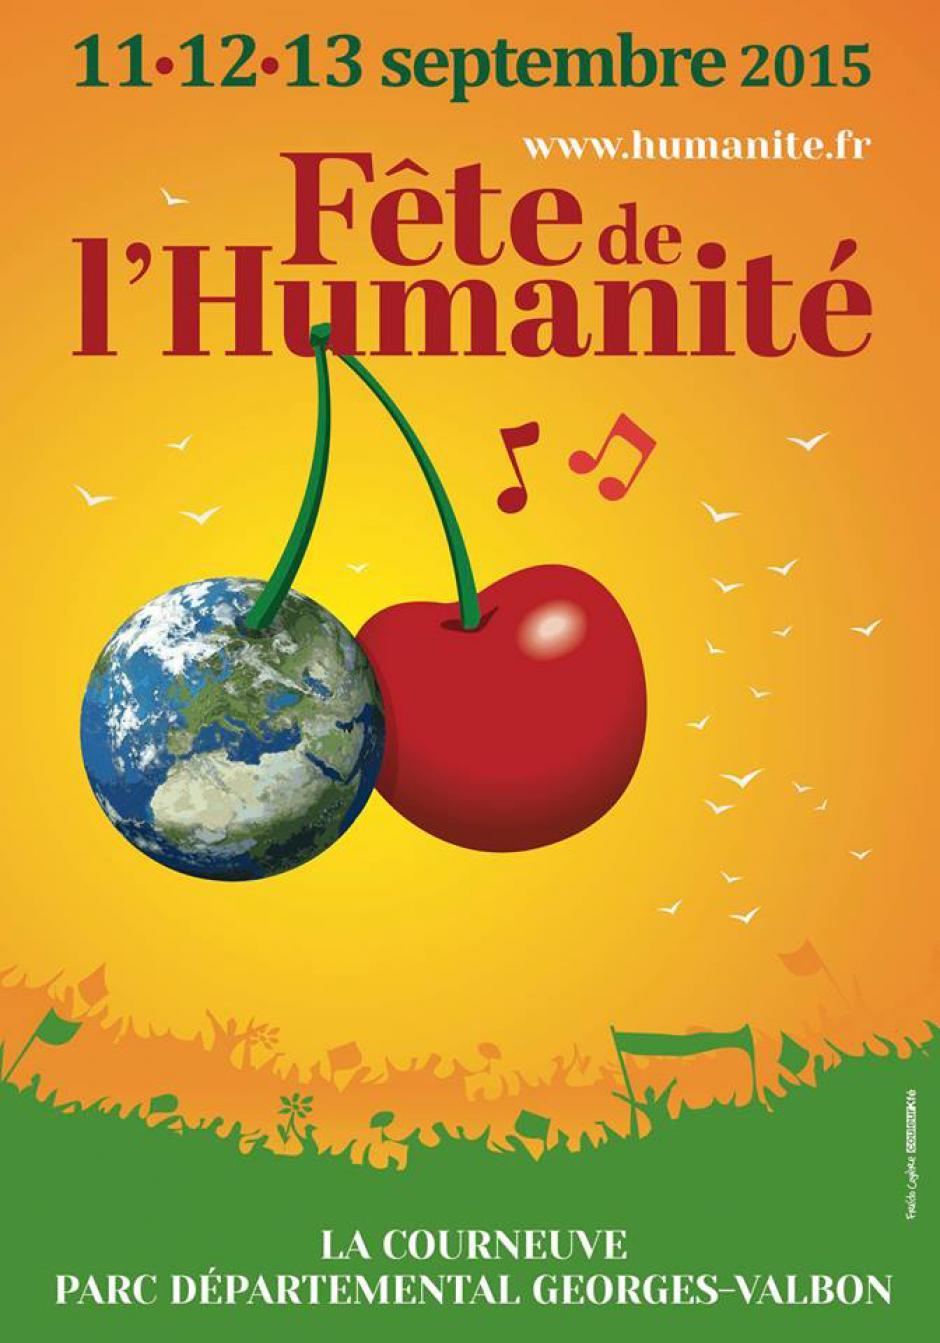 11, 12 & 13 septembre, La Courneuve - 80e Fête de l'Humanité